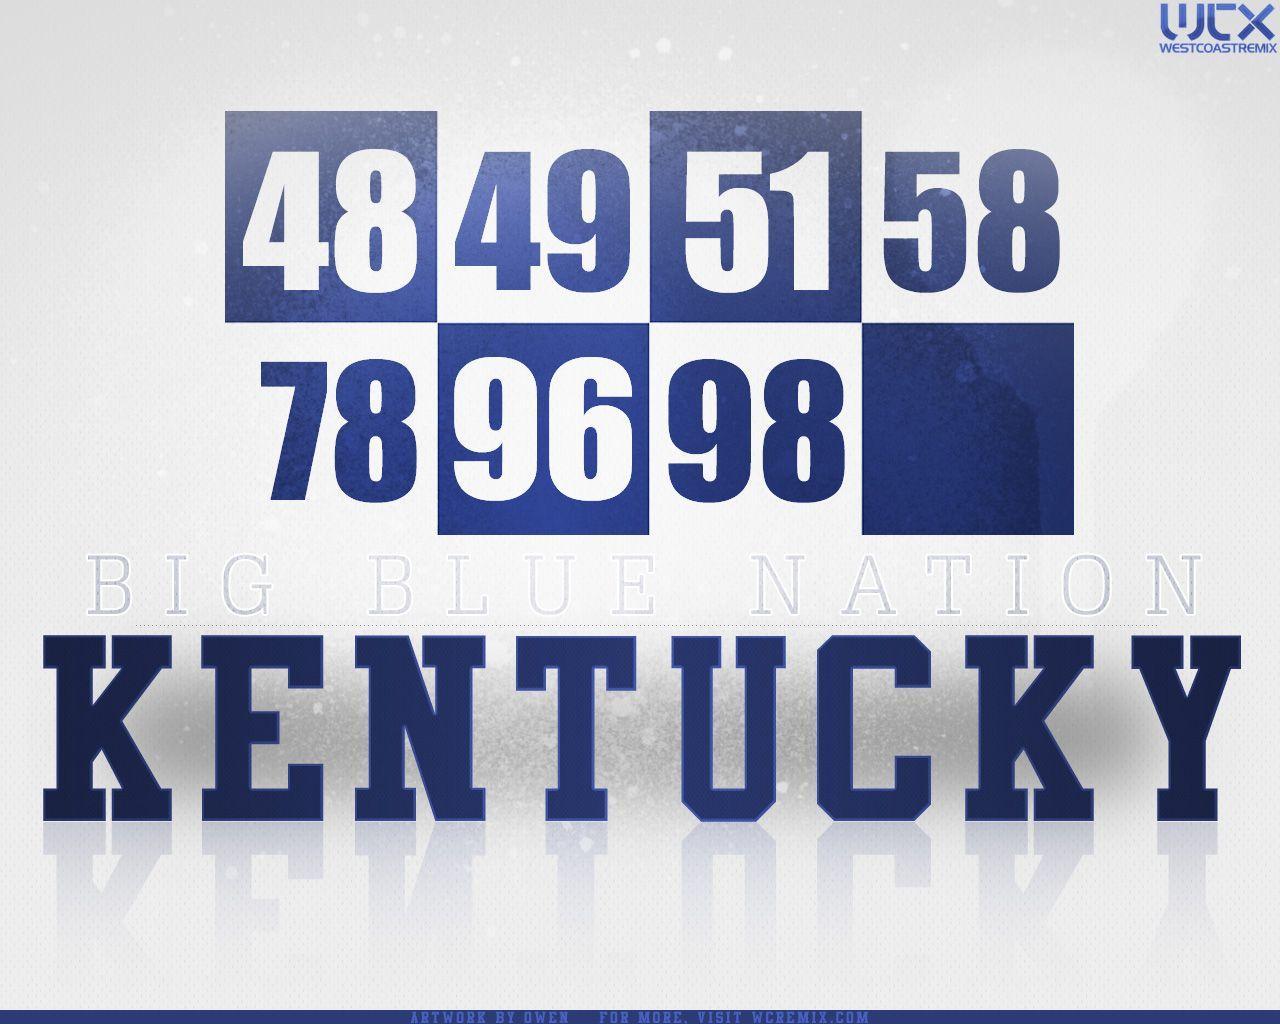 Kentucky Wildcats Wallpapers